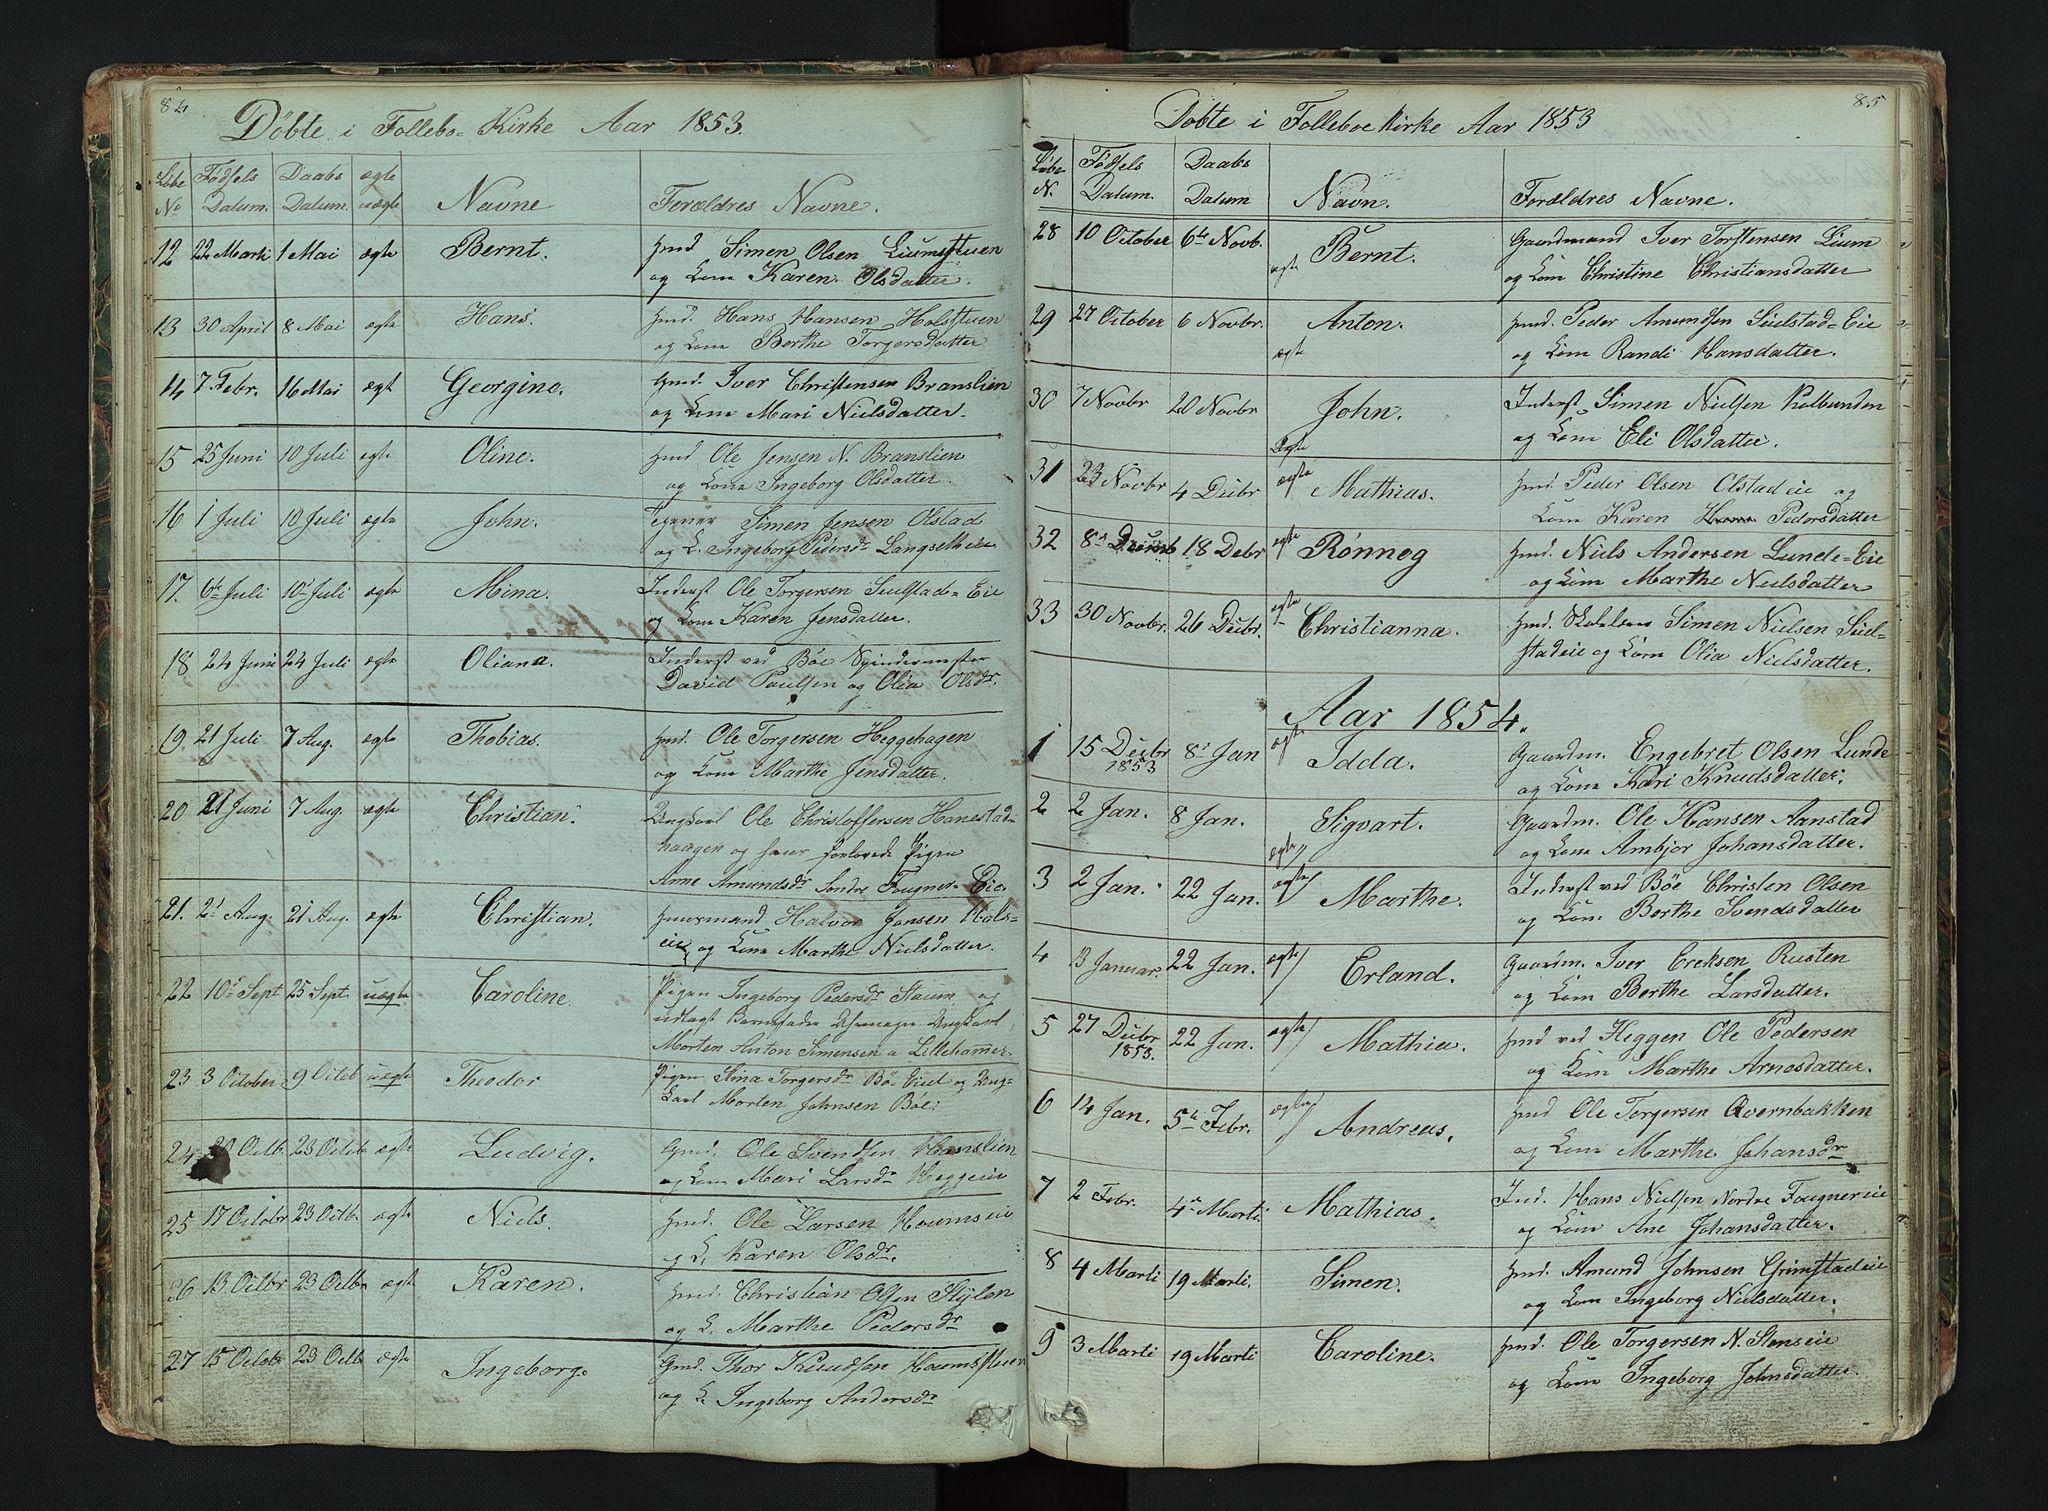 SAH, Gausdal prestekontor, Klokkerbok nr. 6, 1846-1893, s. 84-85